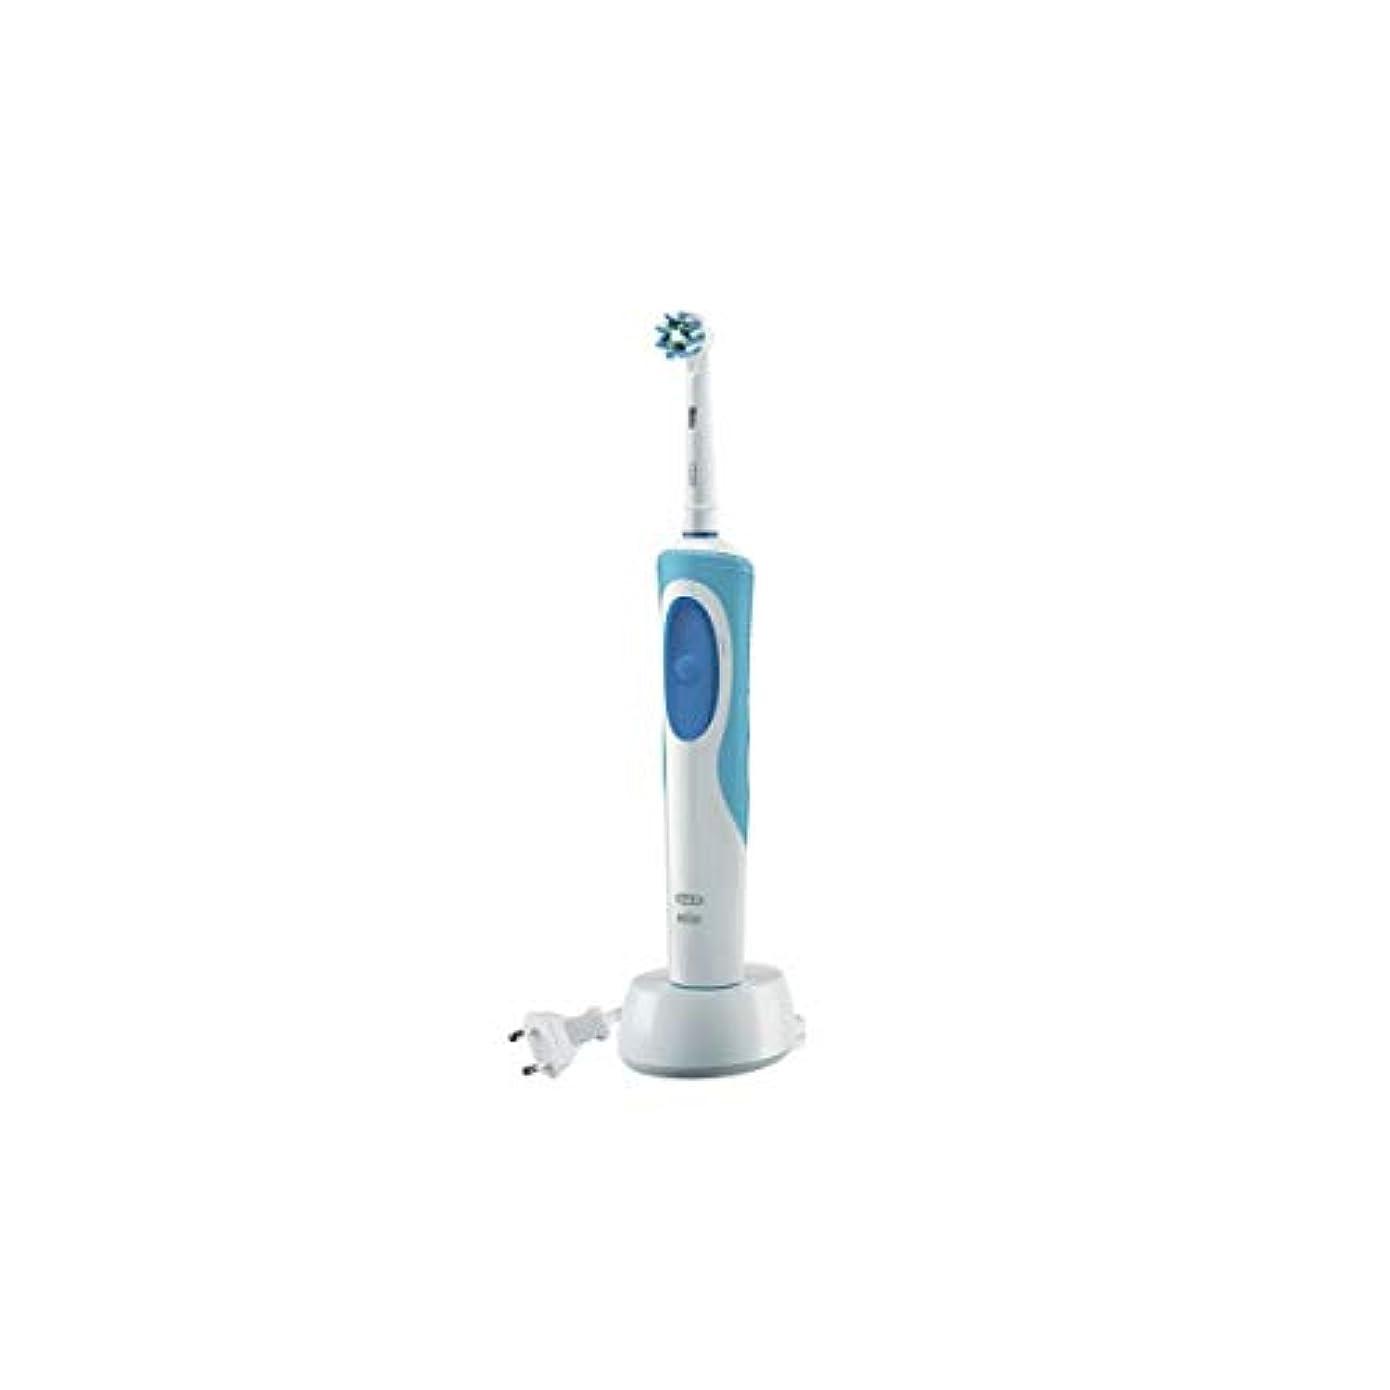 評価可能マニフェストレトルトOral B Vitality Cross Action Electric Toothbrush [並行輸入品]